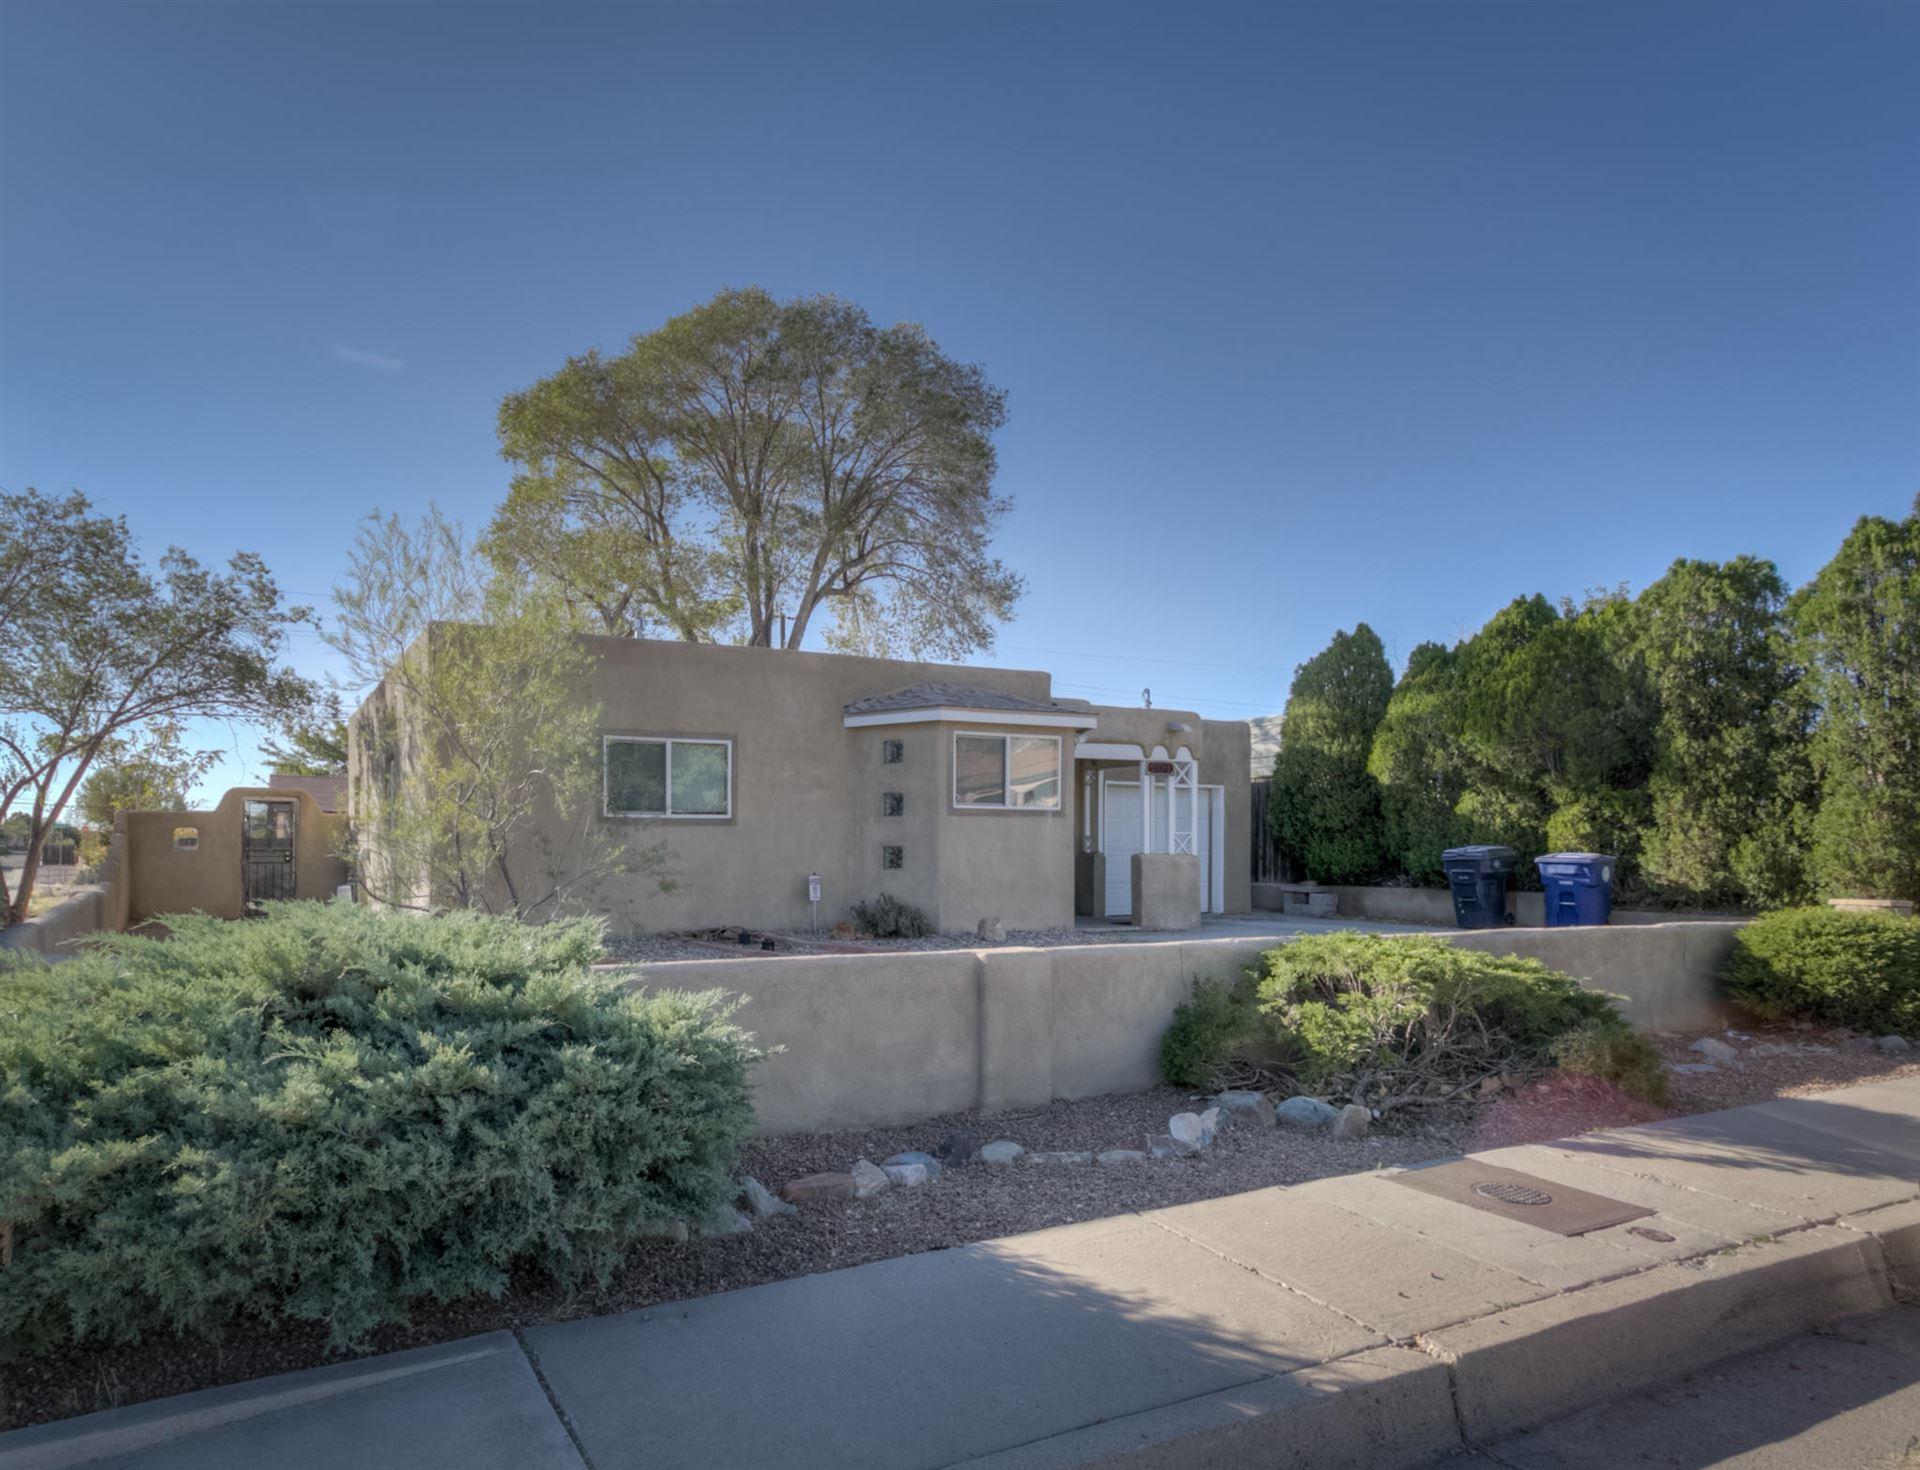 Photo of 501 DALLAS Street NE, Albuquerque, NM 87108 (MLS # 979668)